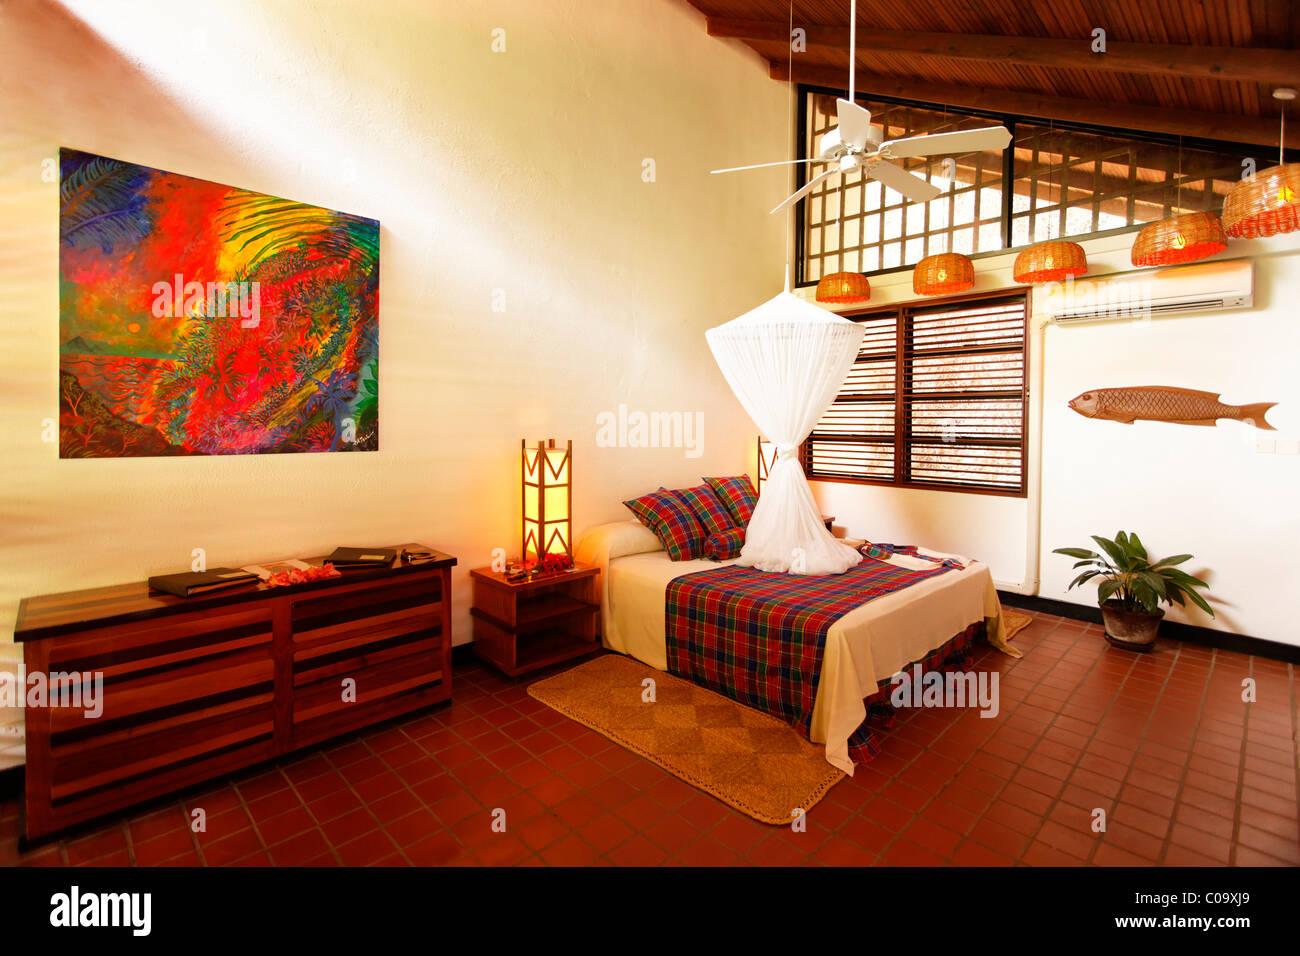 Große Zimmer, natürlich belüftet durch Bauweise, Moskitonetz, Luxus Hotel Anse Chastanet Resort, Stockbild